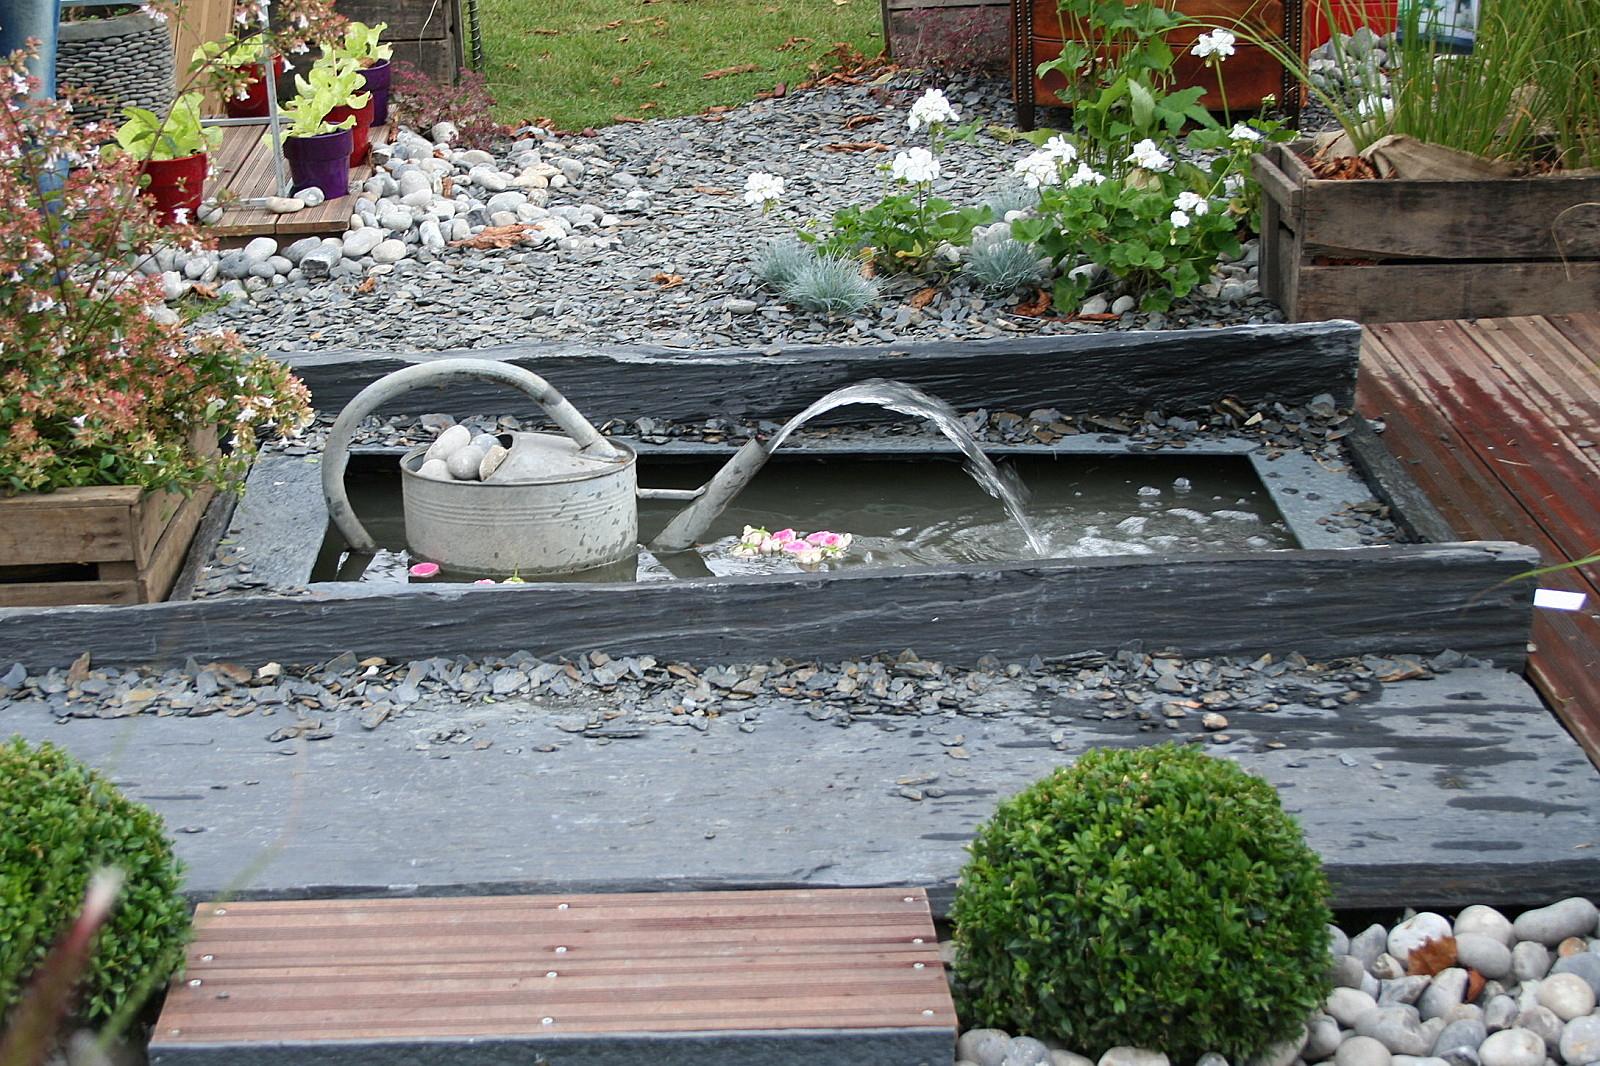 Astuces Pour Décorer Son Jardin - Lozzoo destiné Déco De Jardin Zen